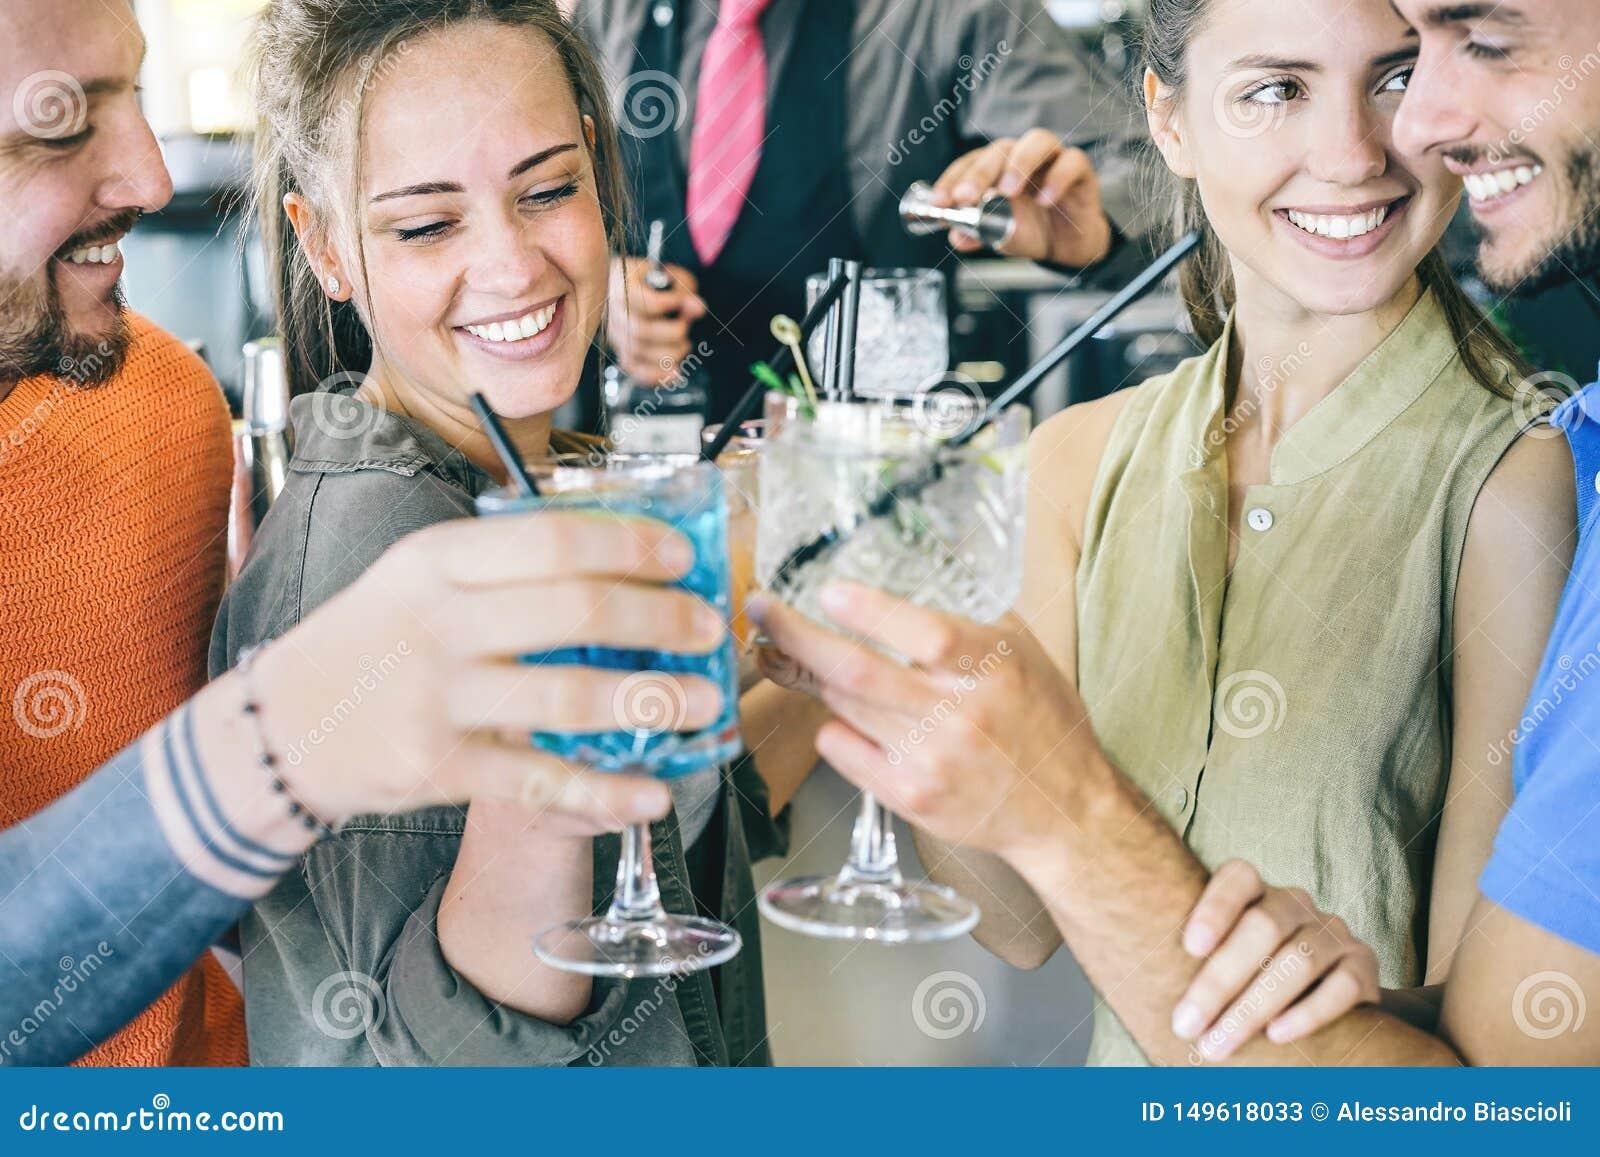 Δύο νέα ερωτευμένα ψήνοντας κοκτέιλ ζευγών σε έναν φραγμό - ευτυχείς φίλοι που χρονολογούν μαζί να κάνει τις ευθυμίες με τα ποτά